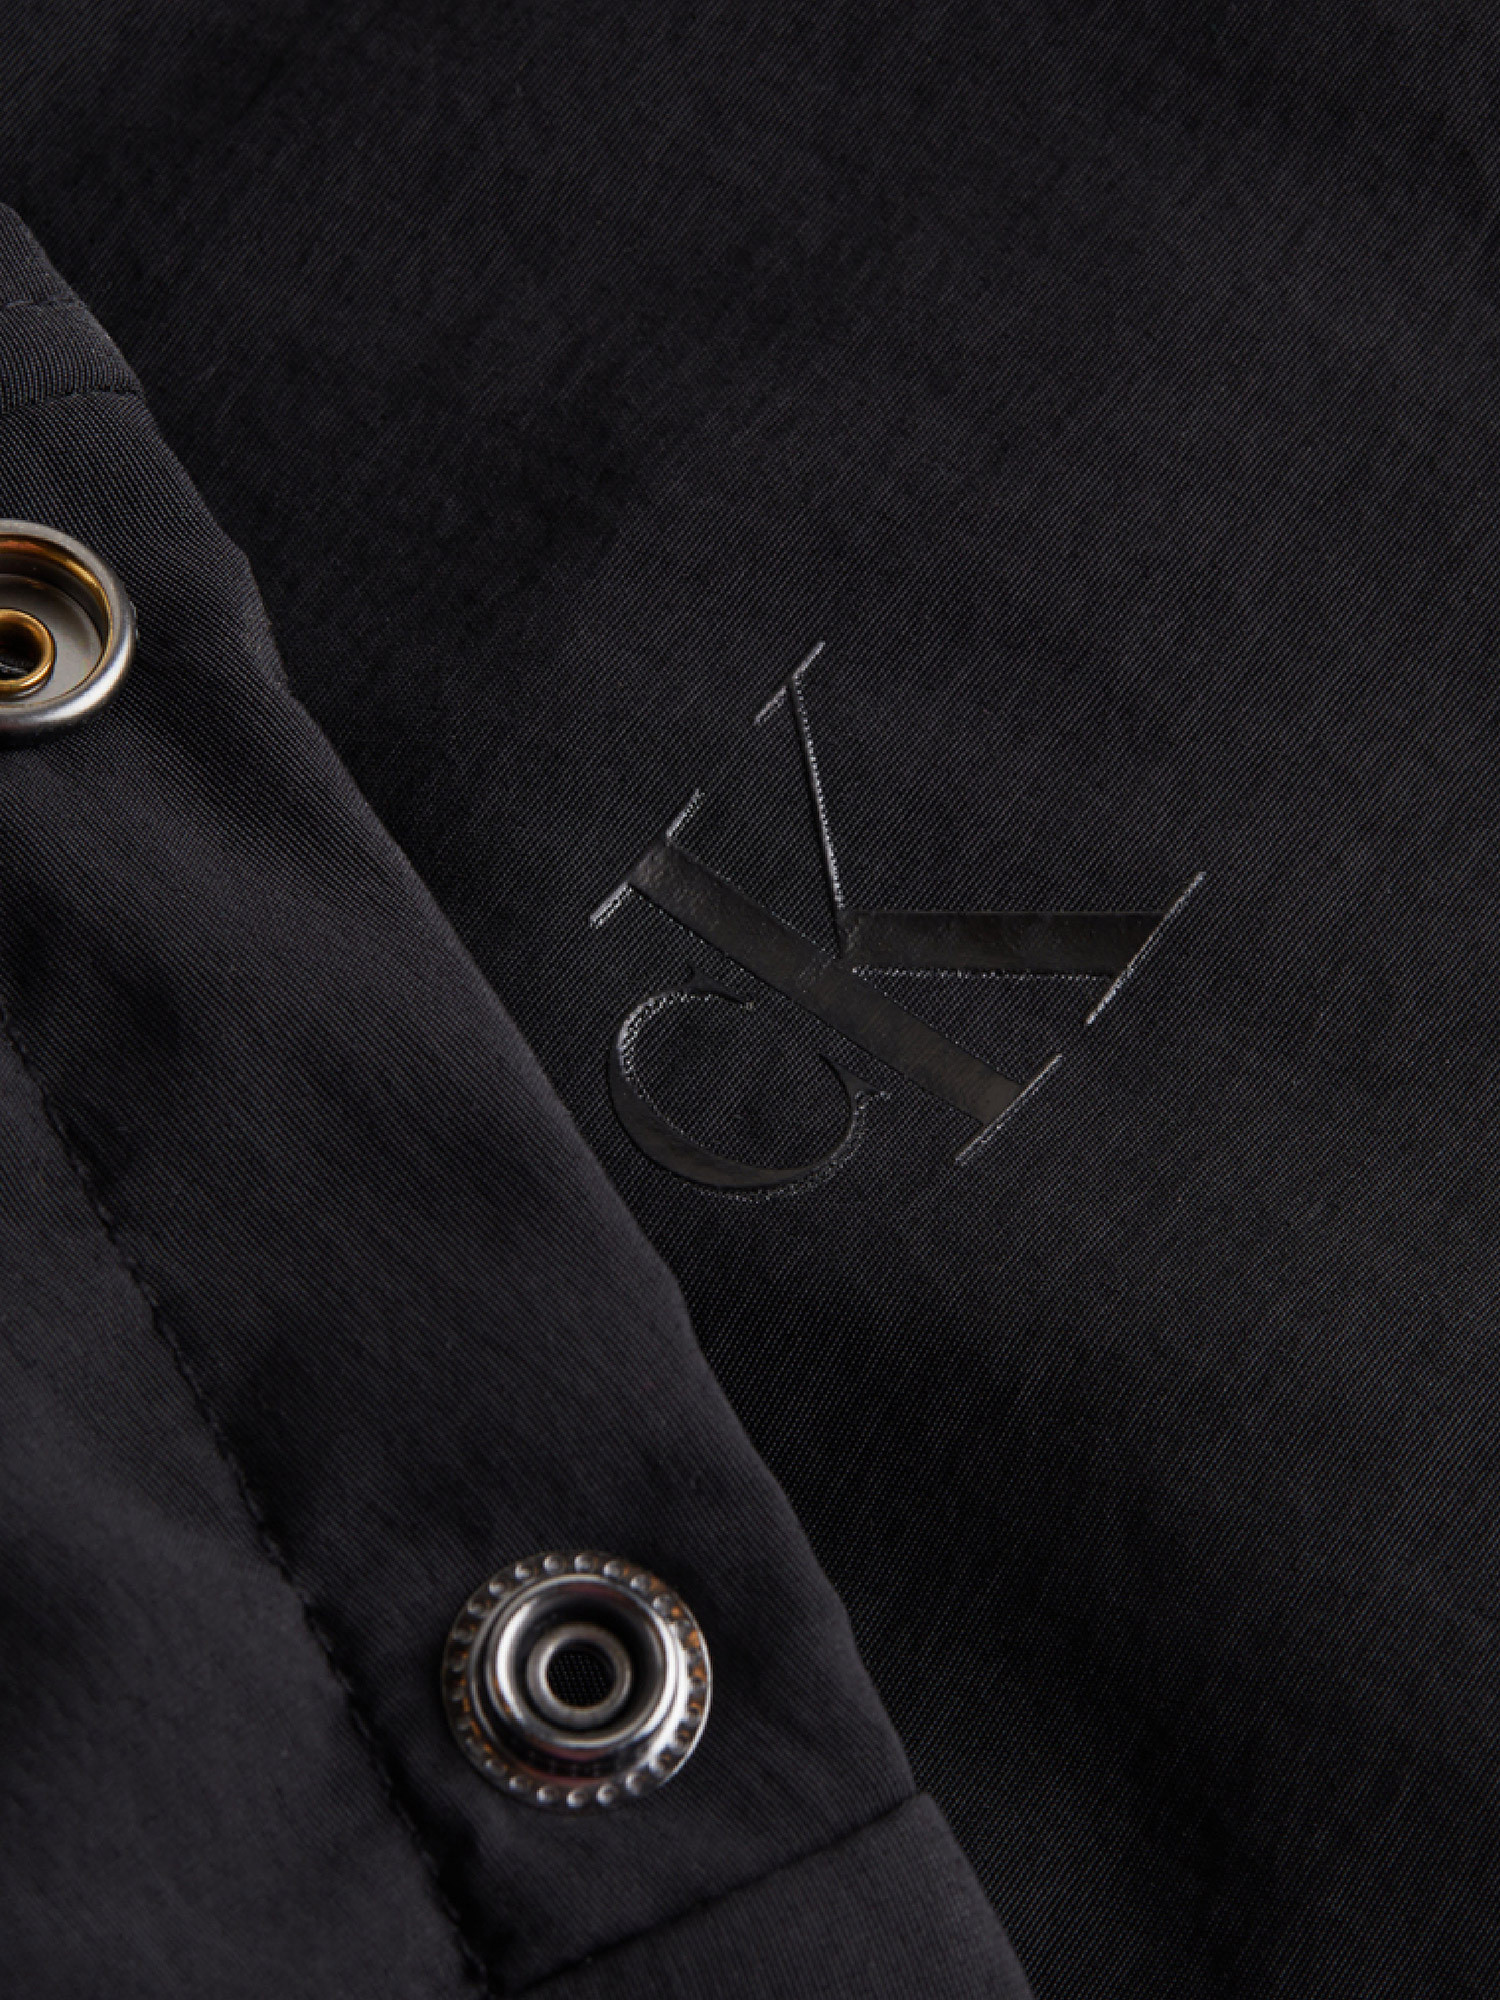 Giacca con cappuccio e zip, Nero, large image number 2